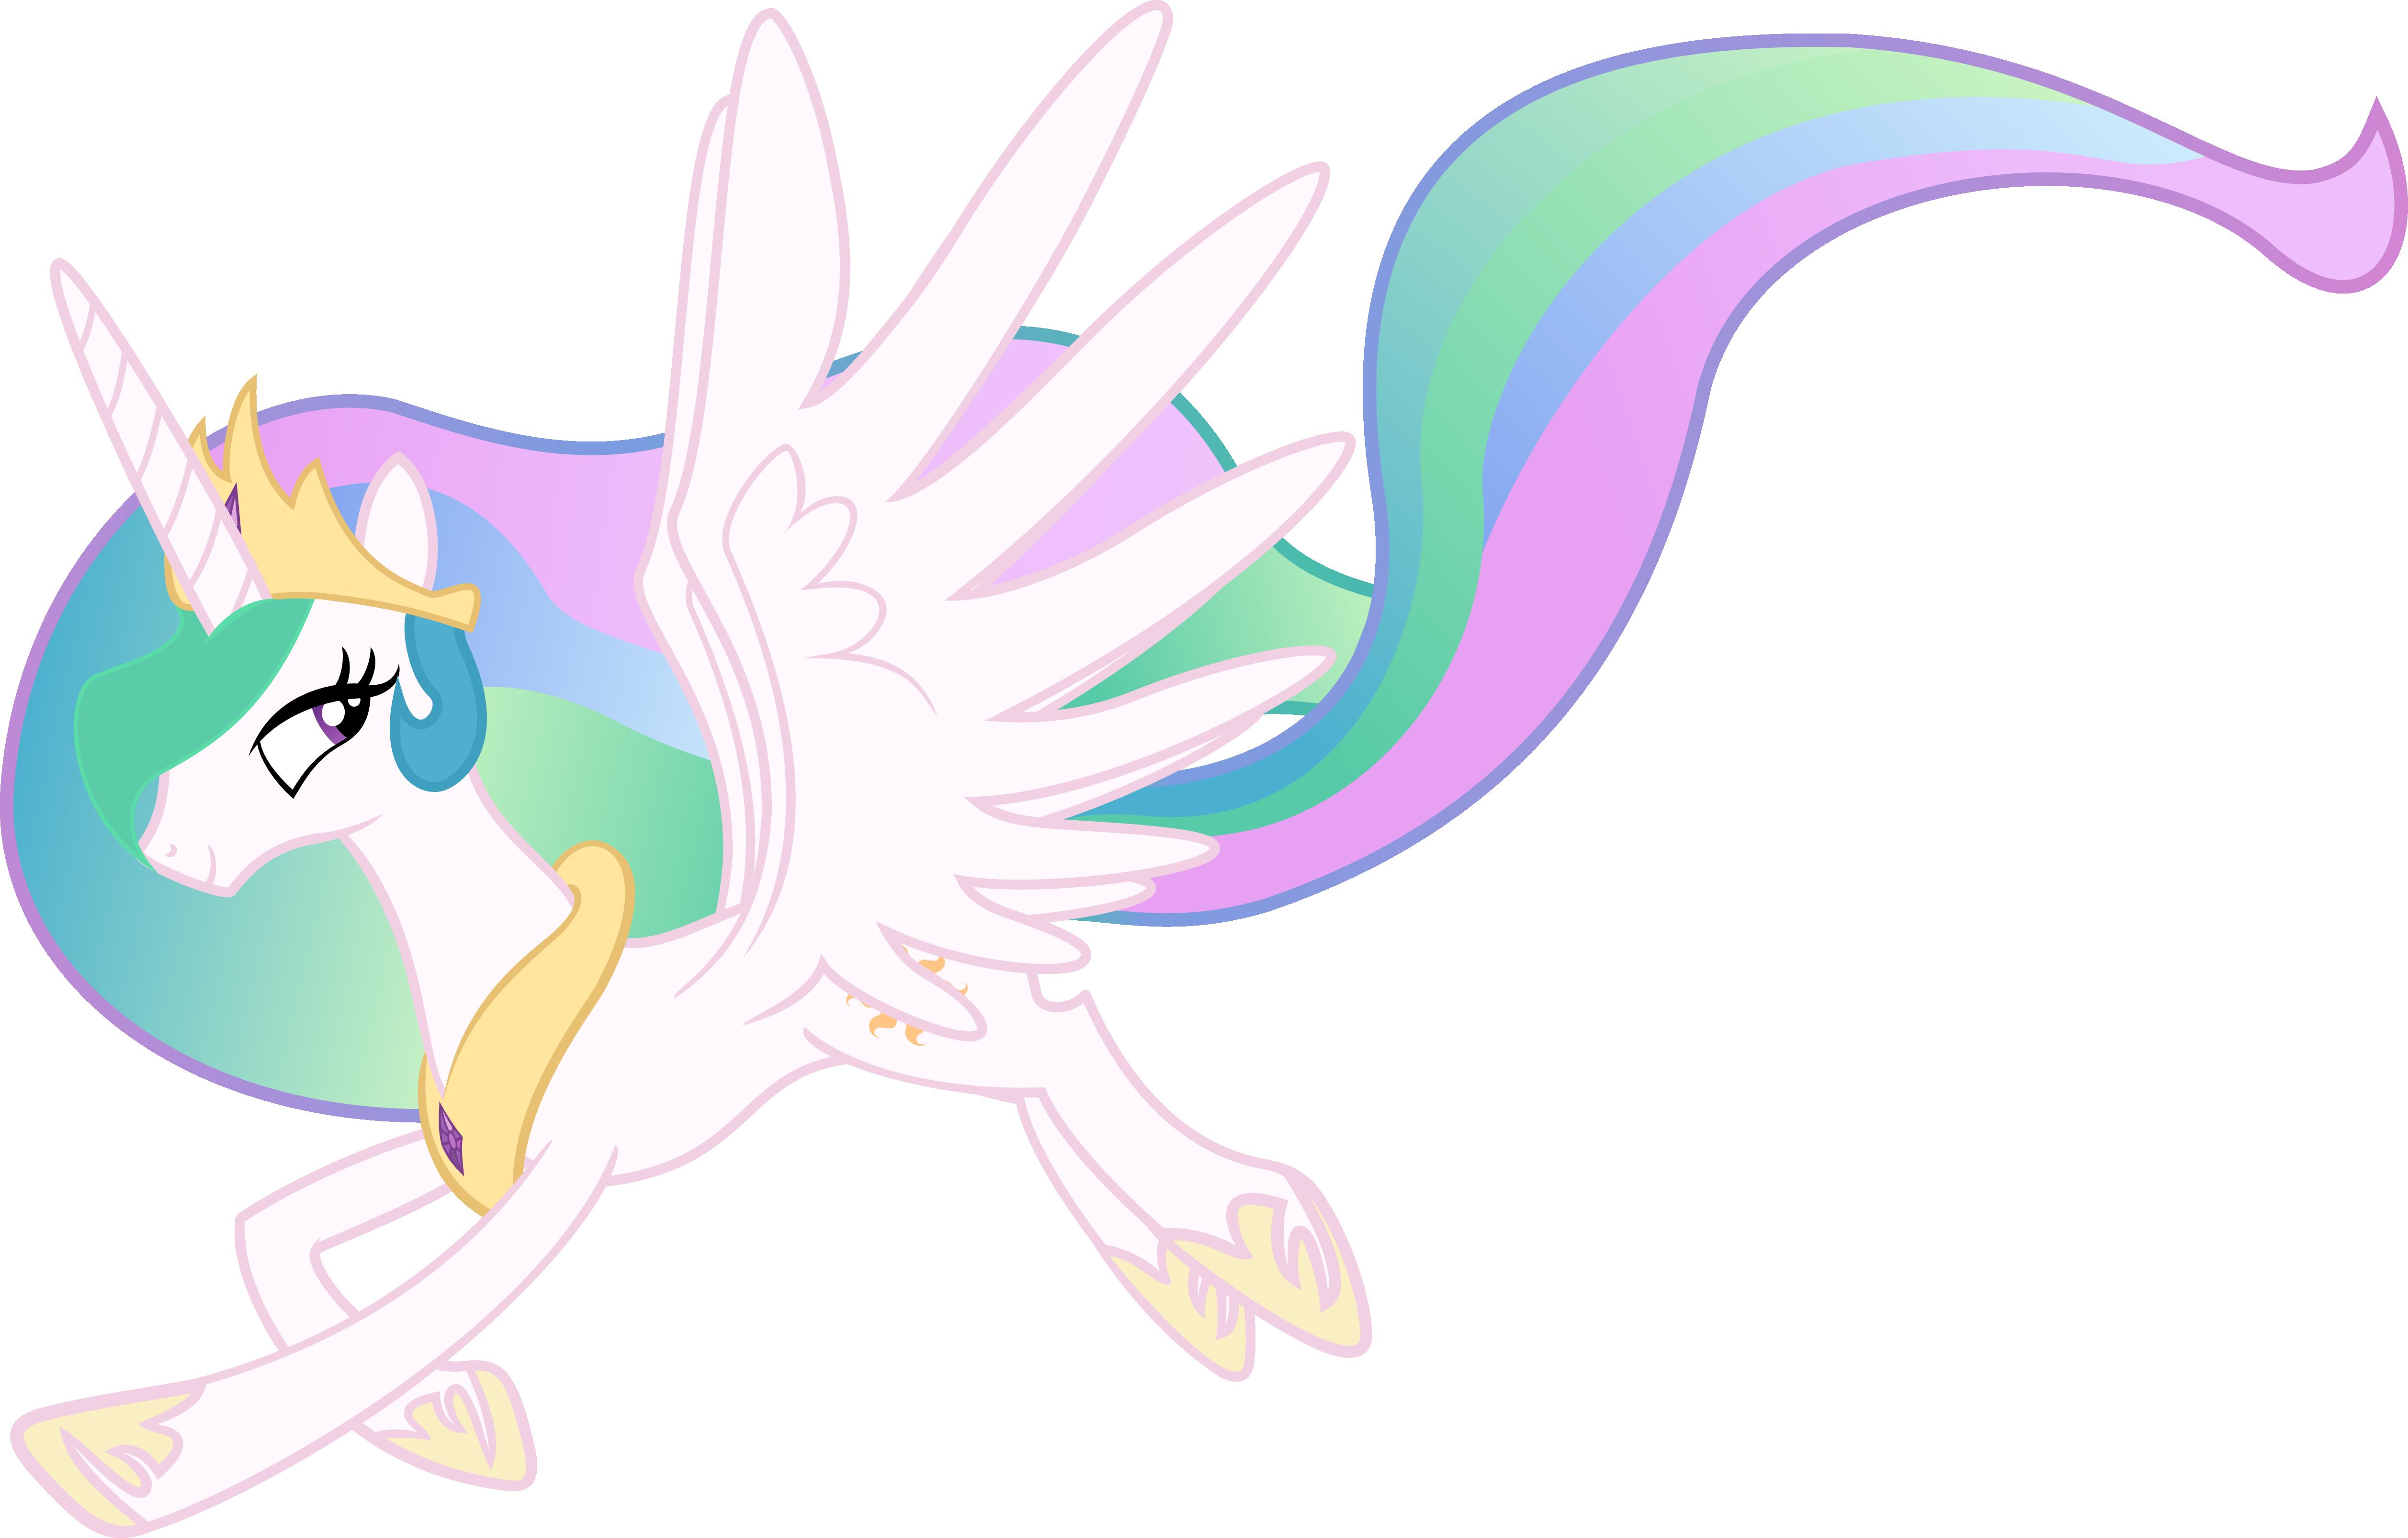 Princess Celestia taking a walk in air by sunran80